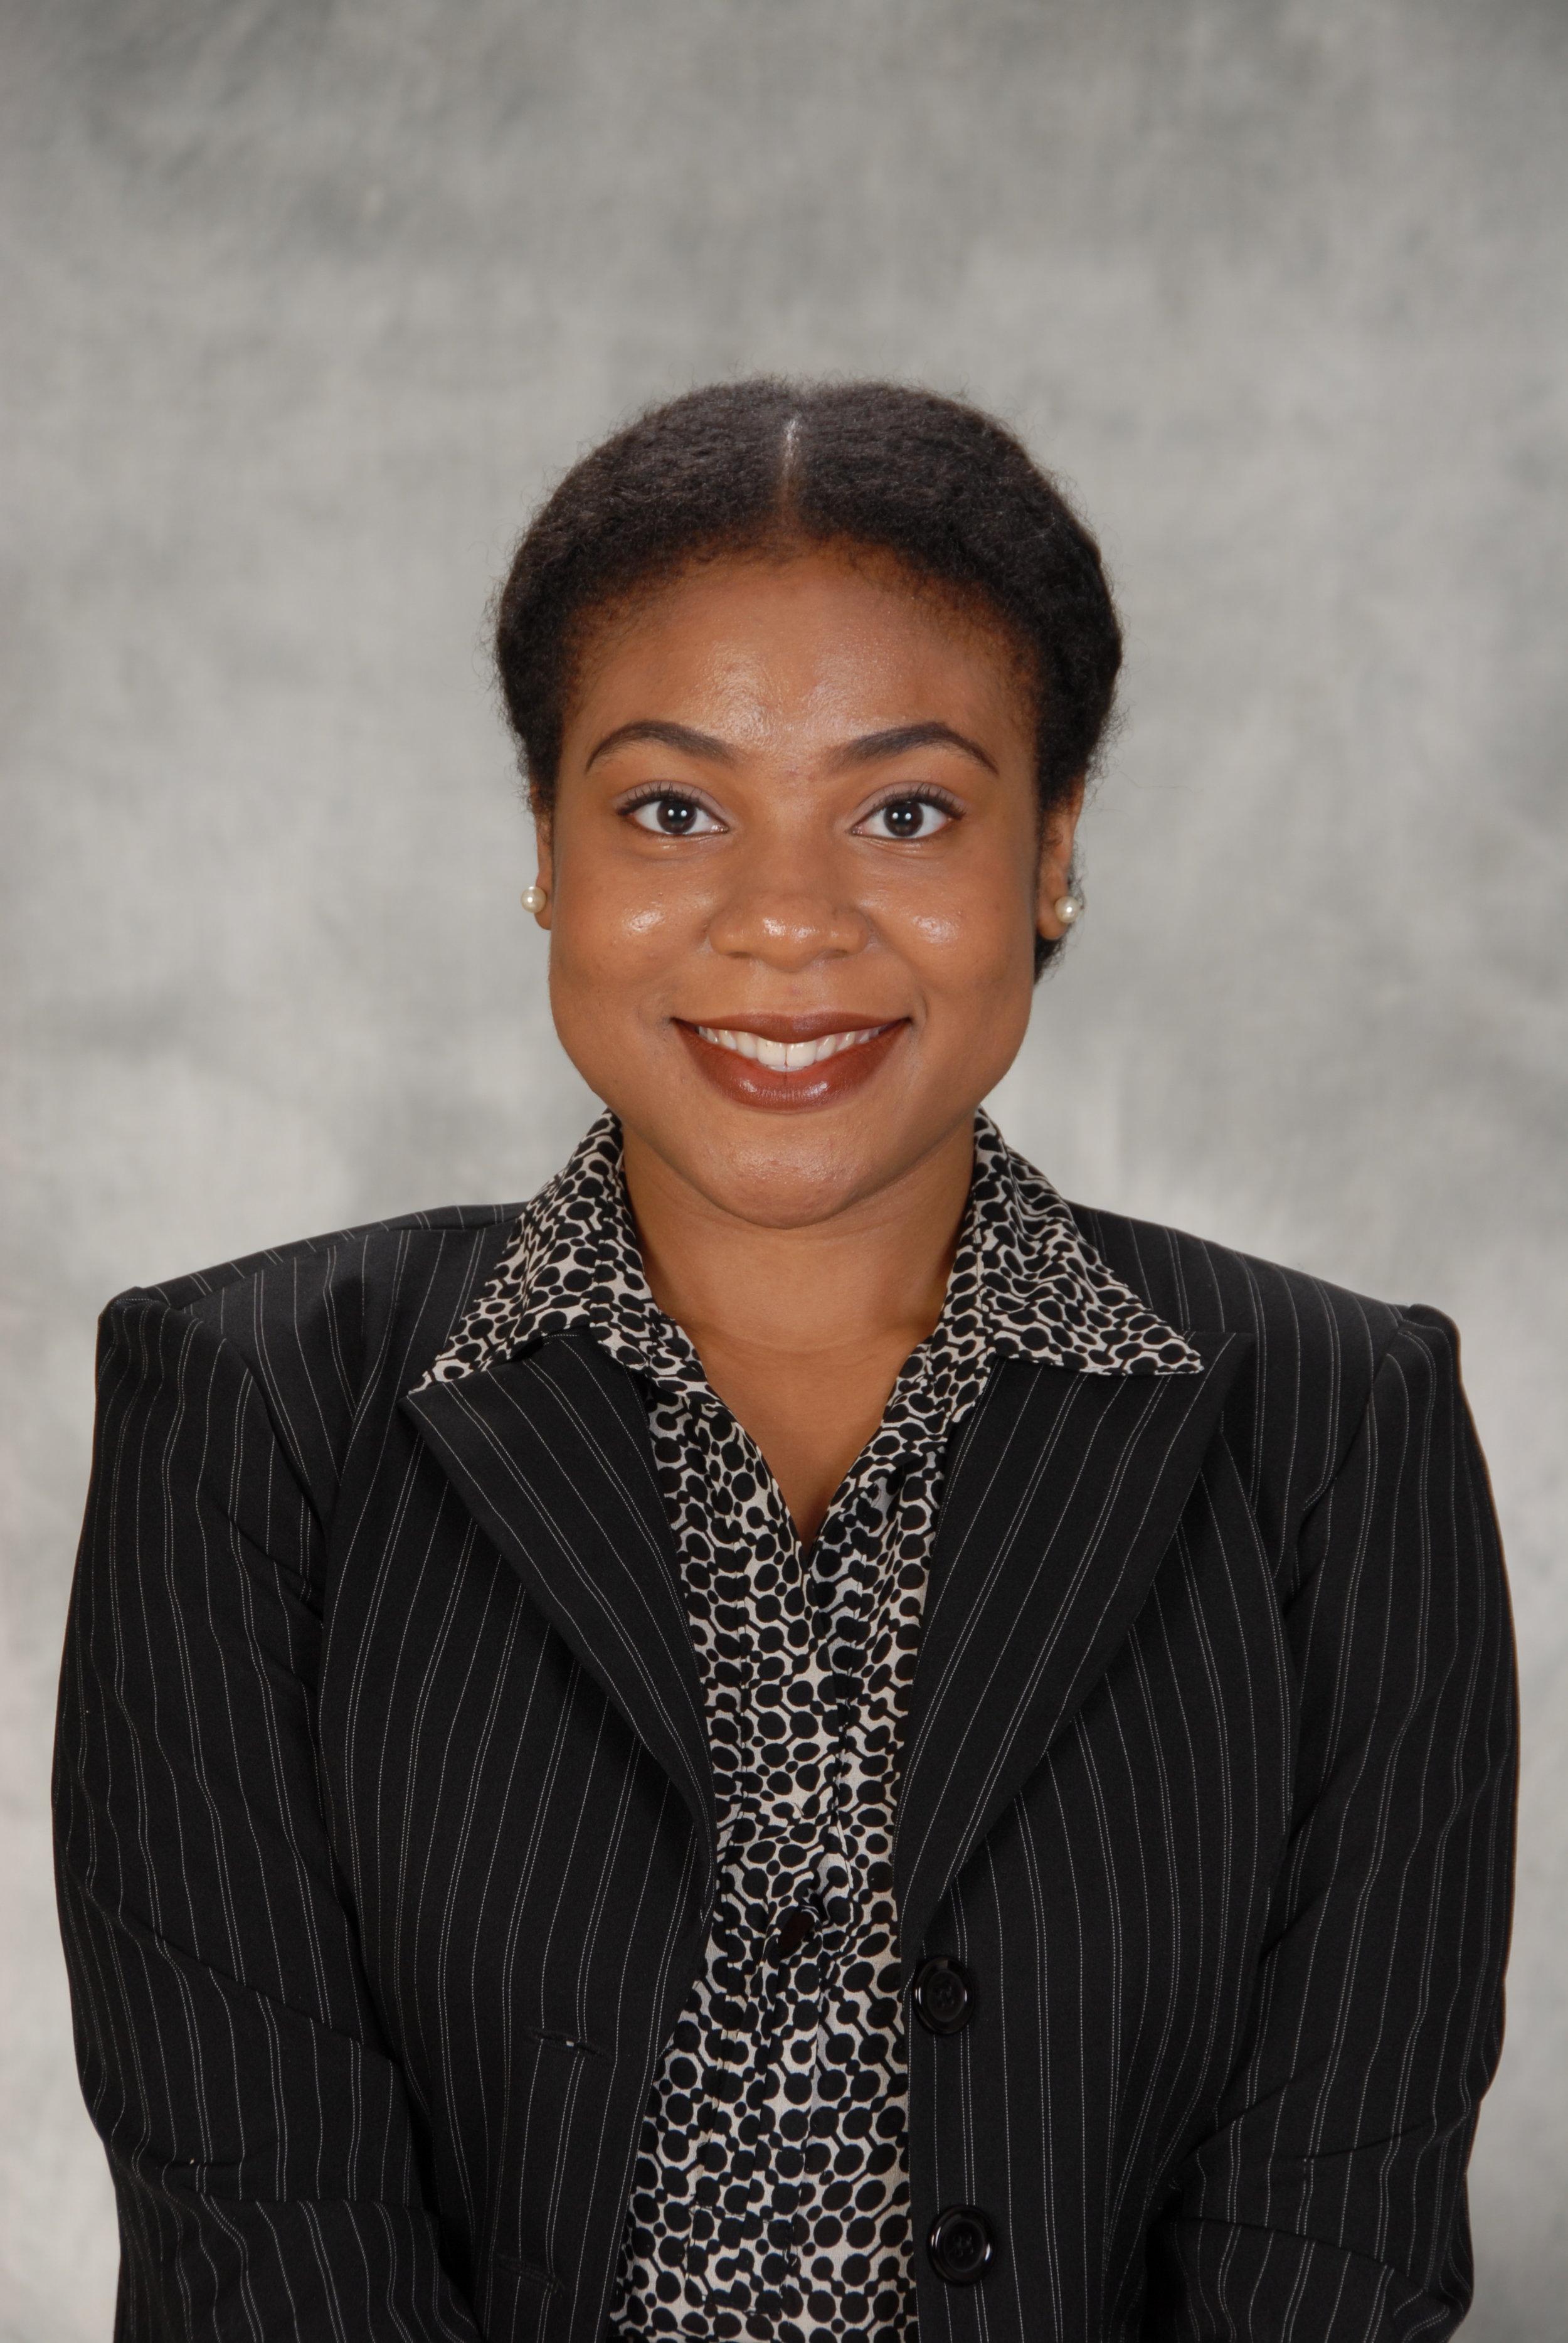 Chika Adiele - VP of Student Wellness